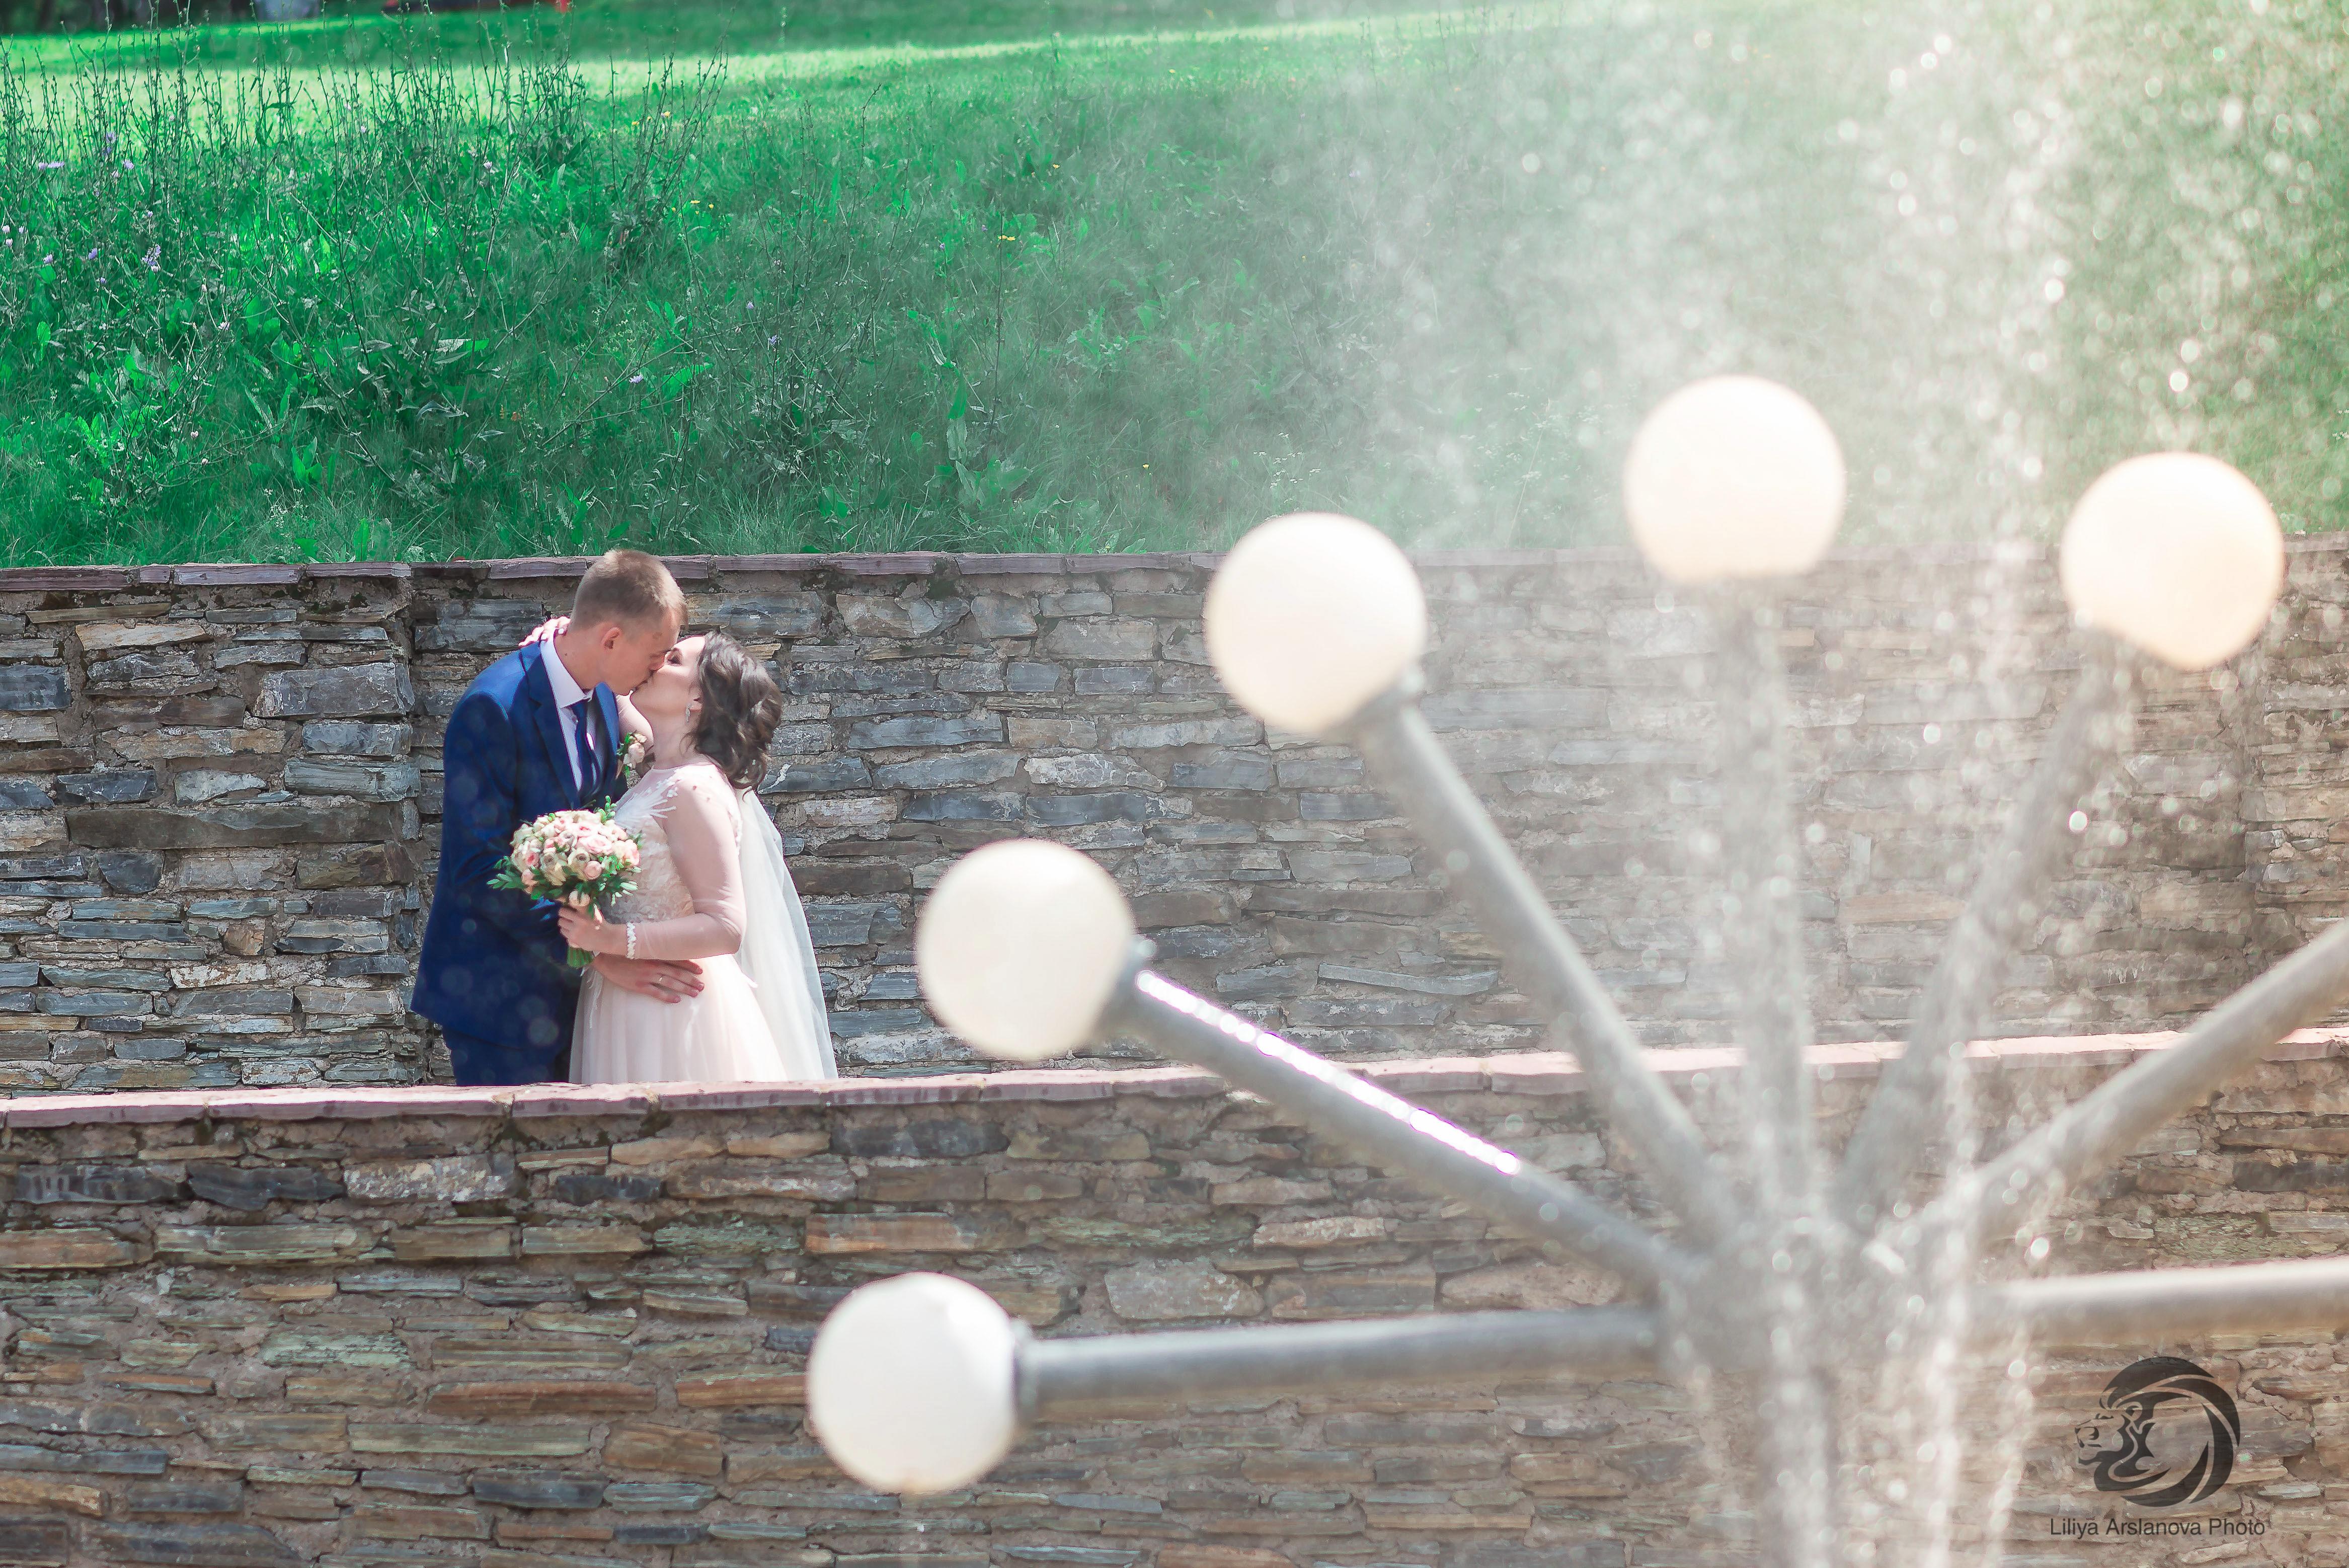 У фонтана. Свадебный фотограф Стерлитамак , свадебный фотограф Красноусольск, фотограф на свадьбу стерлитамак недорого, фотограф свадебный цена стерлитамак санаторий красноусольск